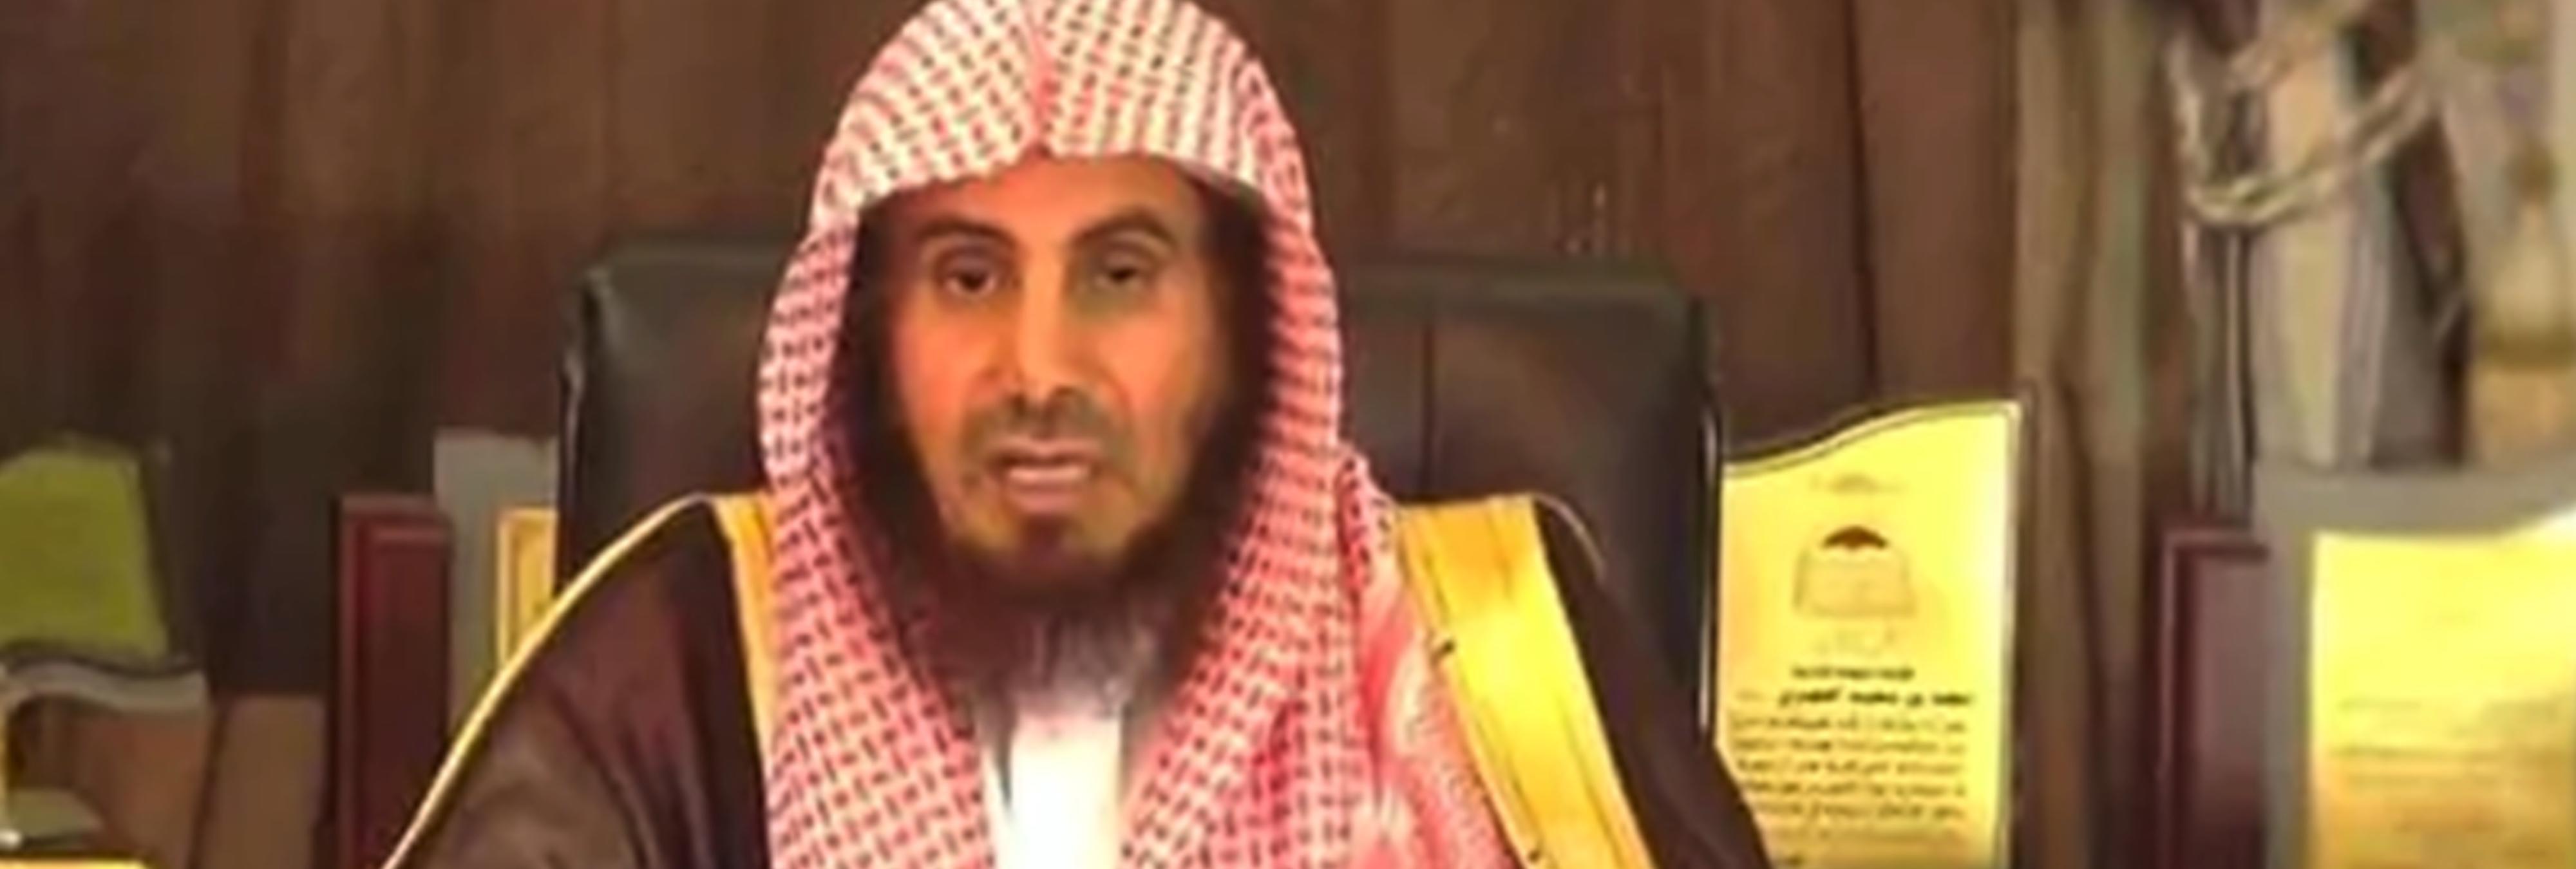 """Las mujeres tienen """"un cuarto de cerebro"""" que los hombres, según un clérigo saudí"""